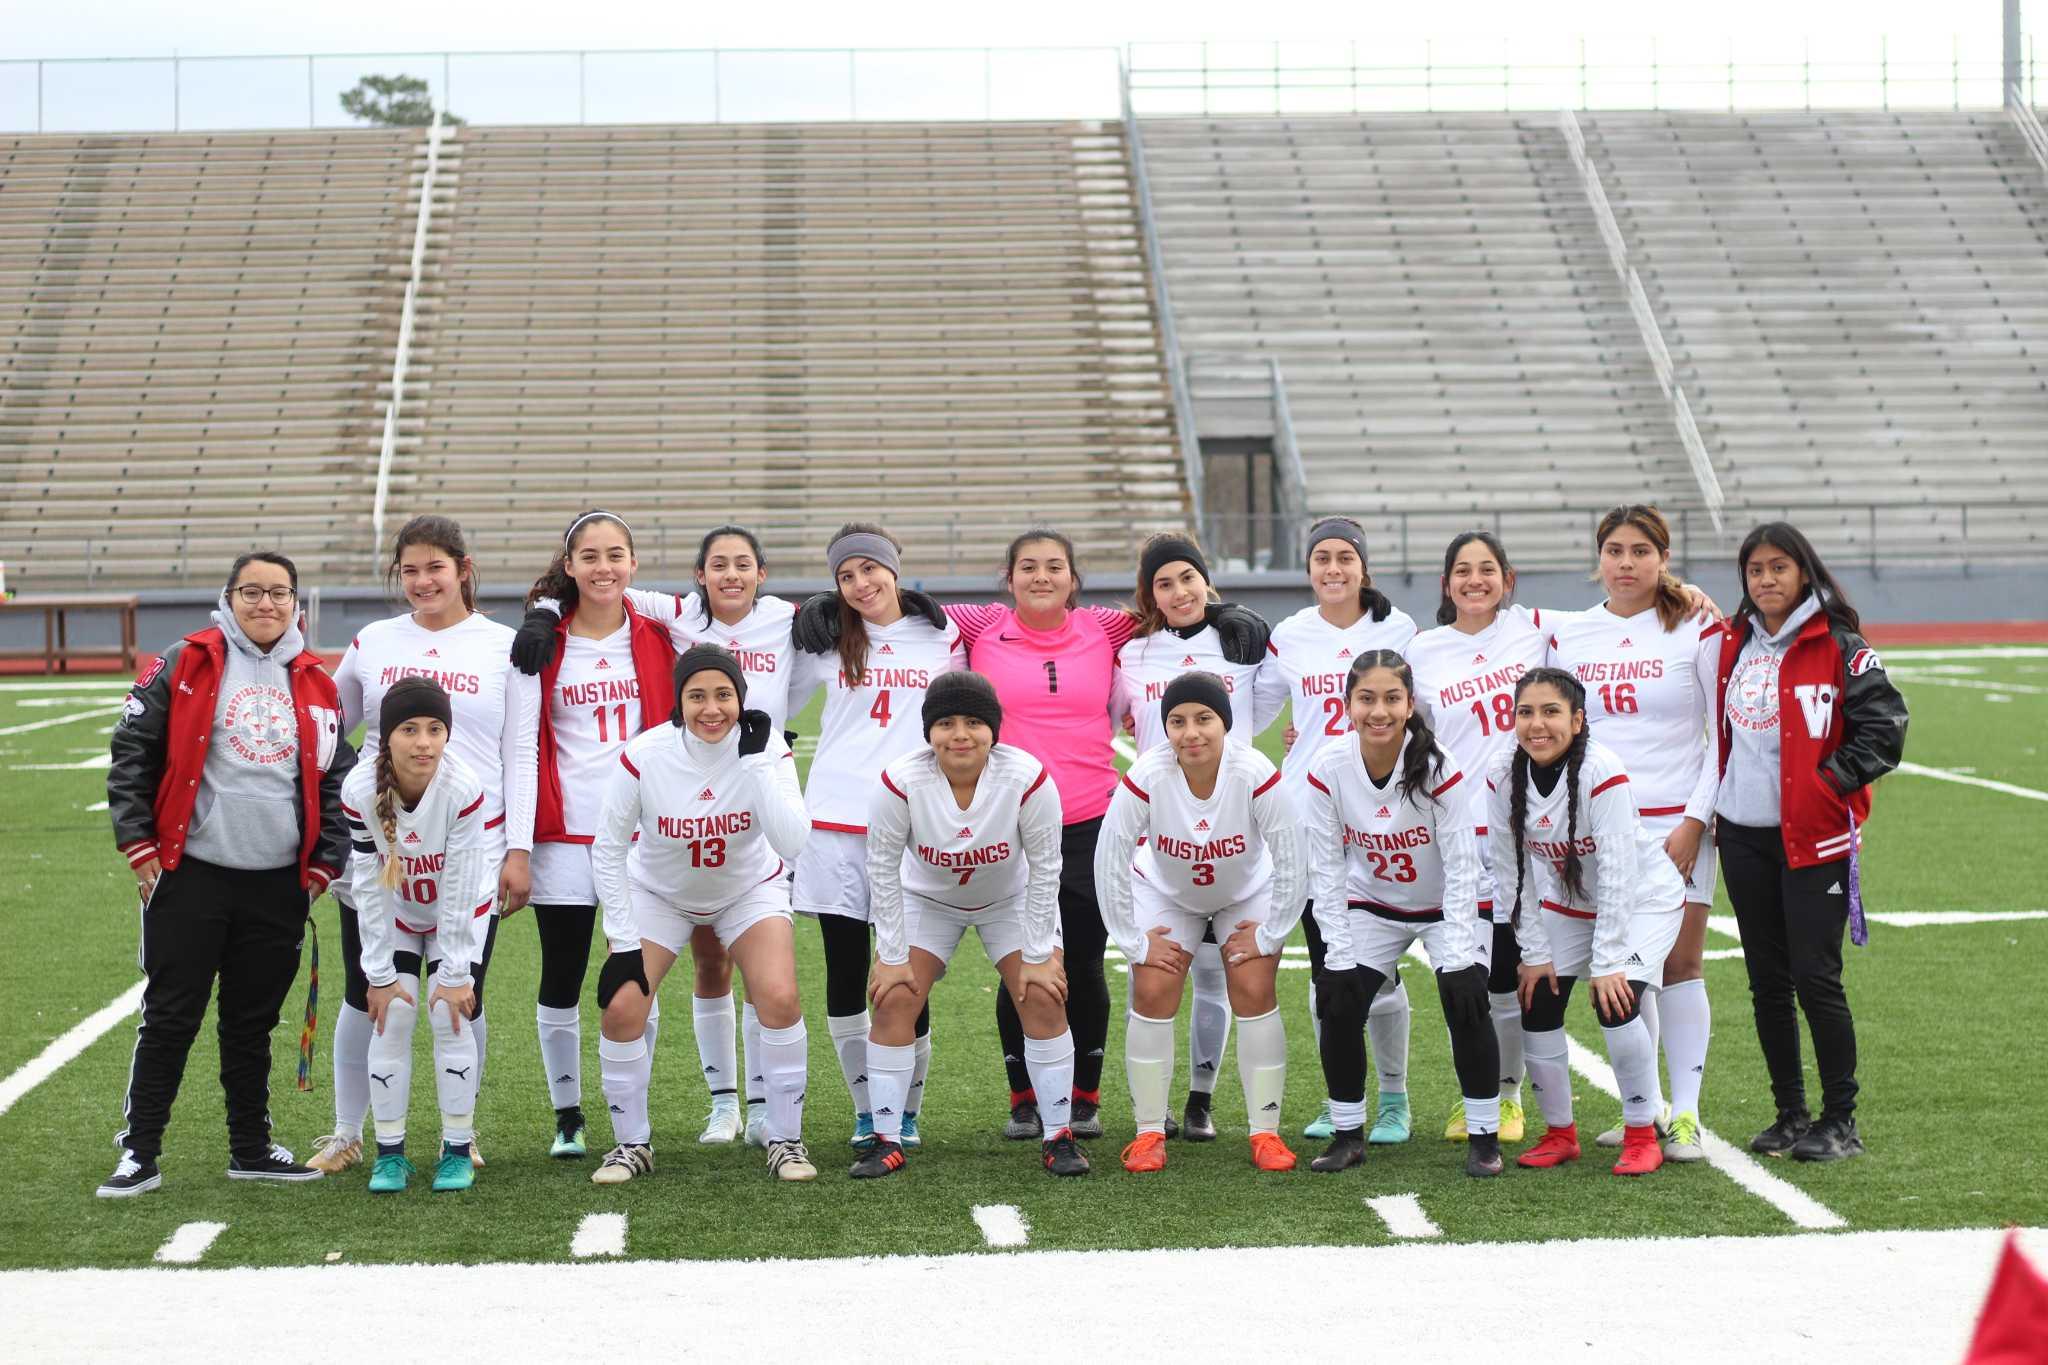 LHS girls Association football